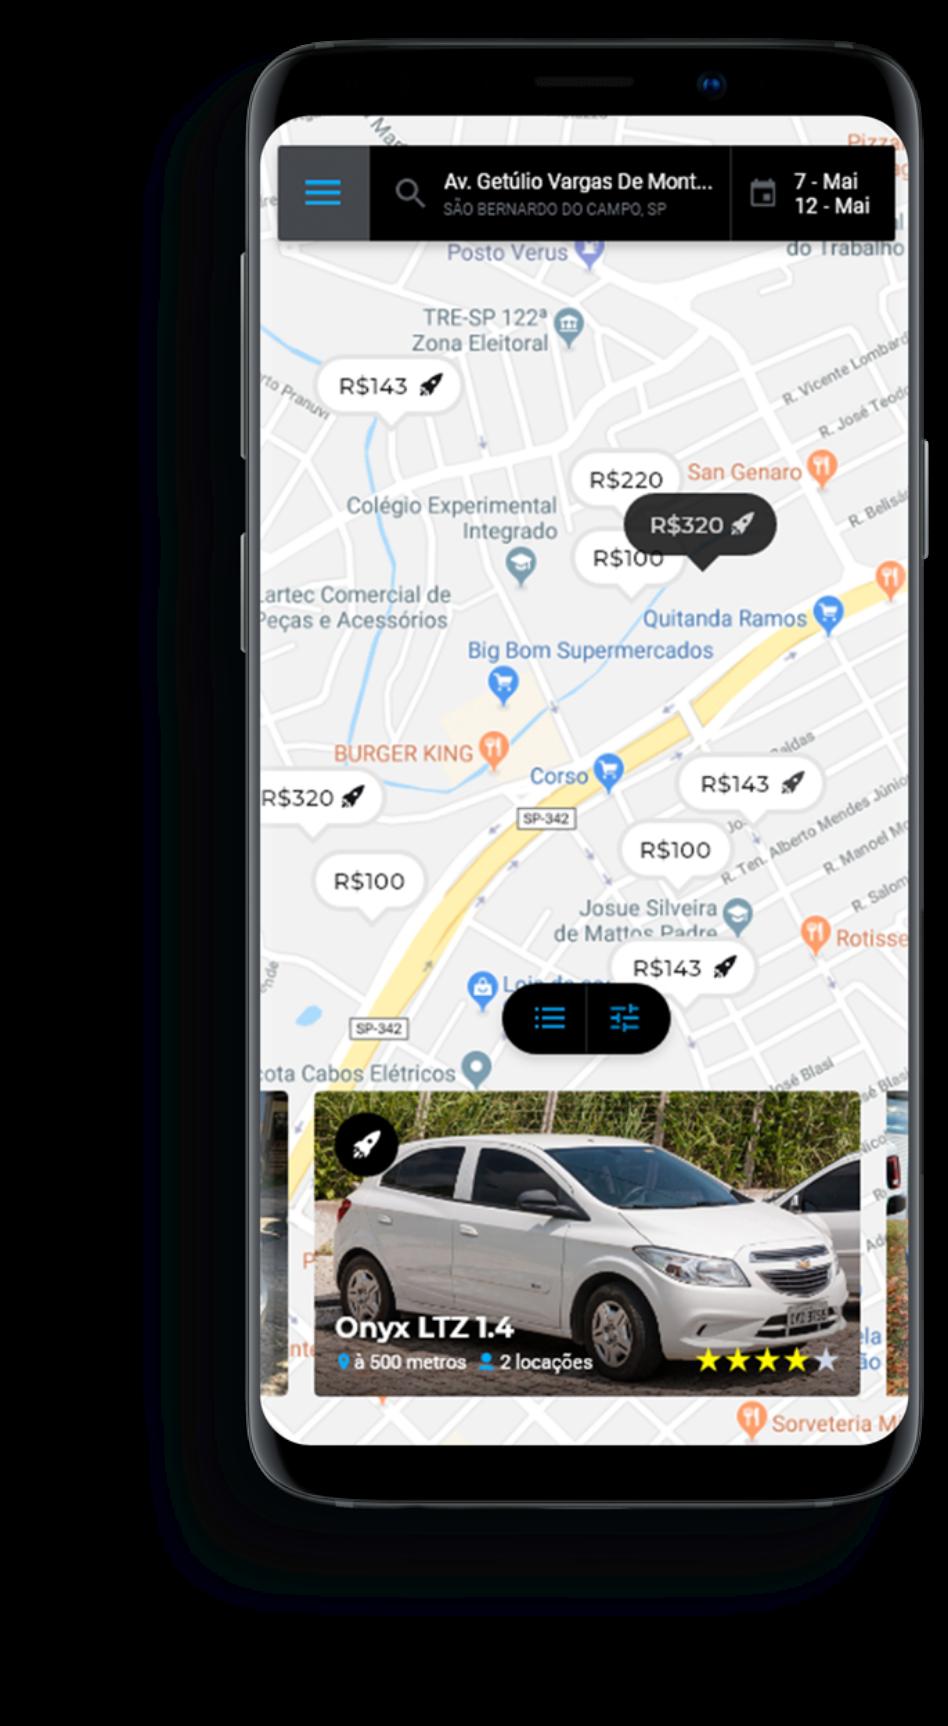 App mostrando mapa com carros disponíveis para aluguel em em São Bernardo do Campo, SP